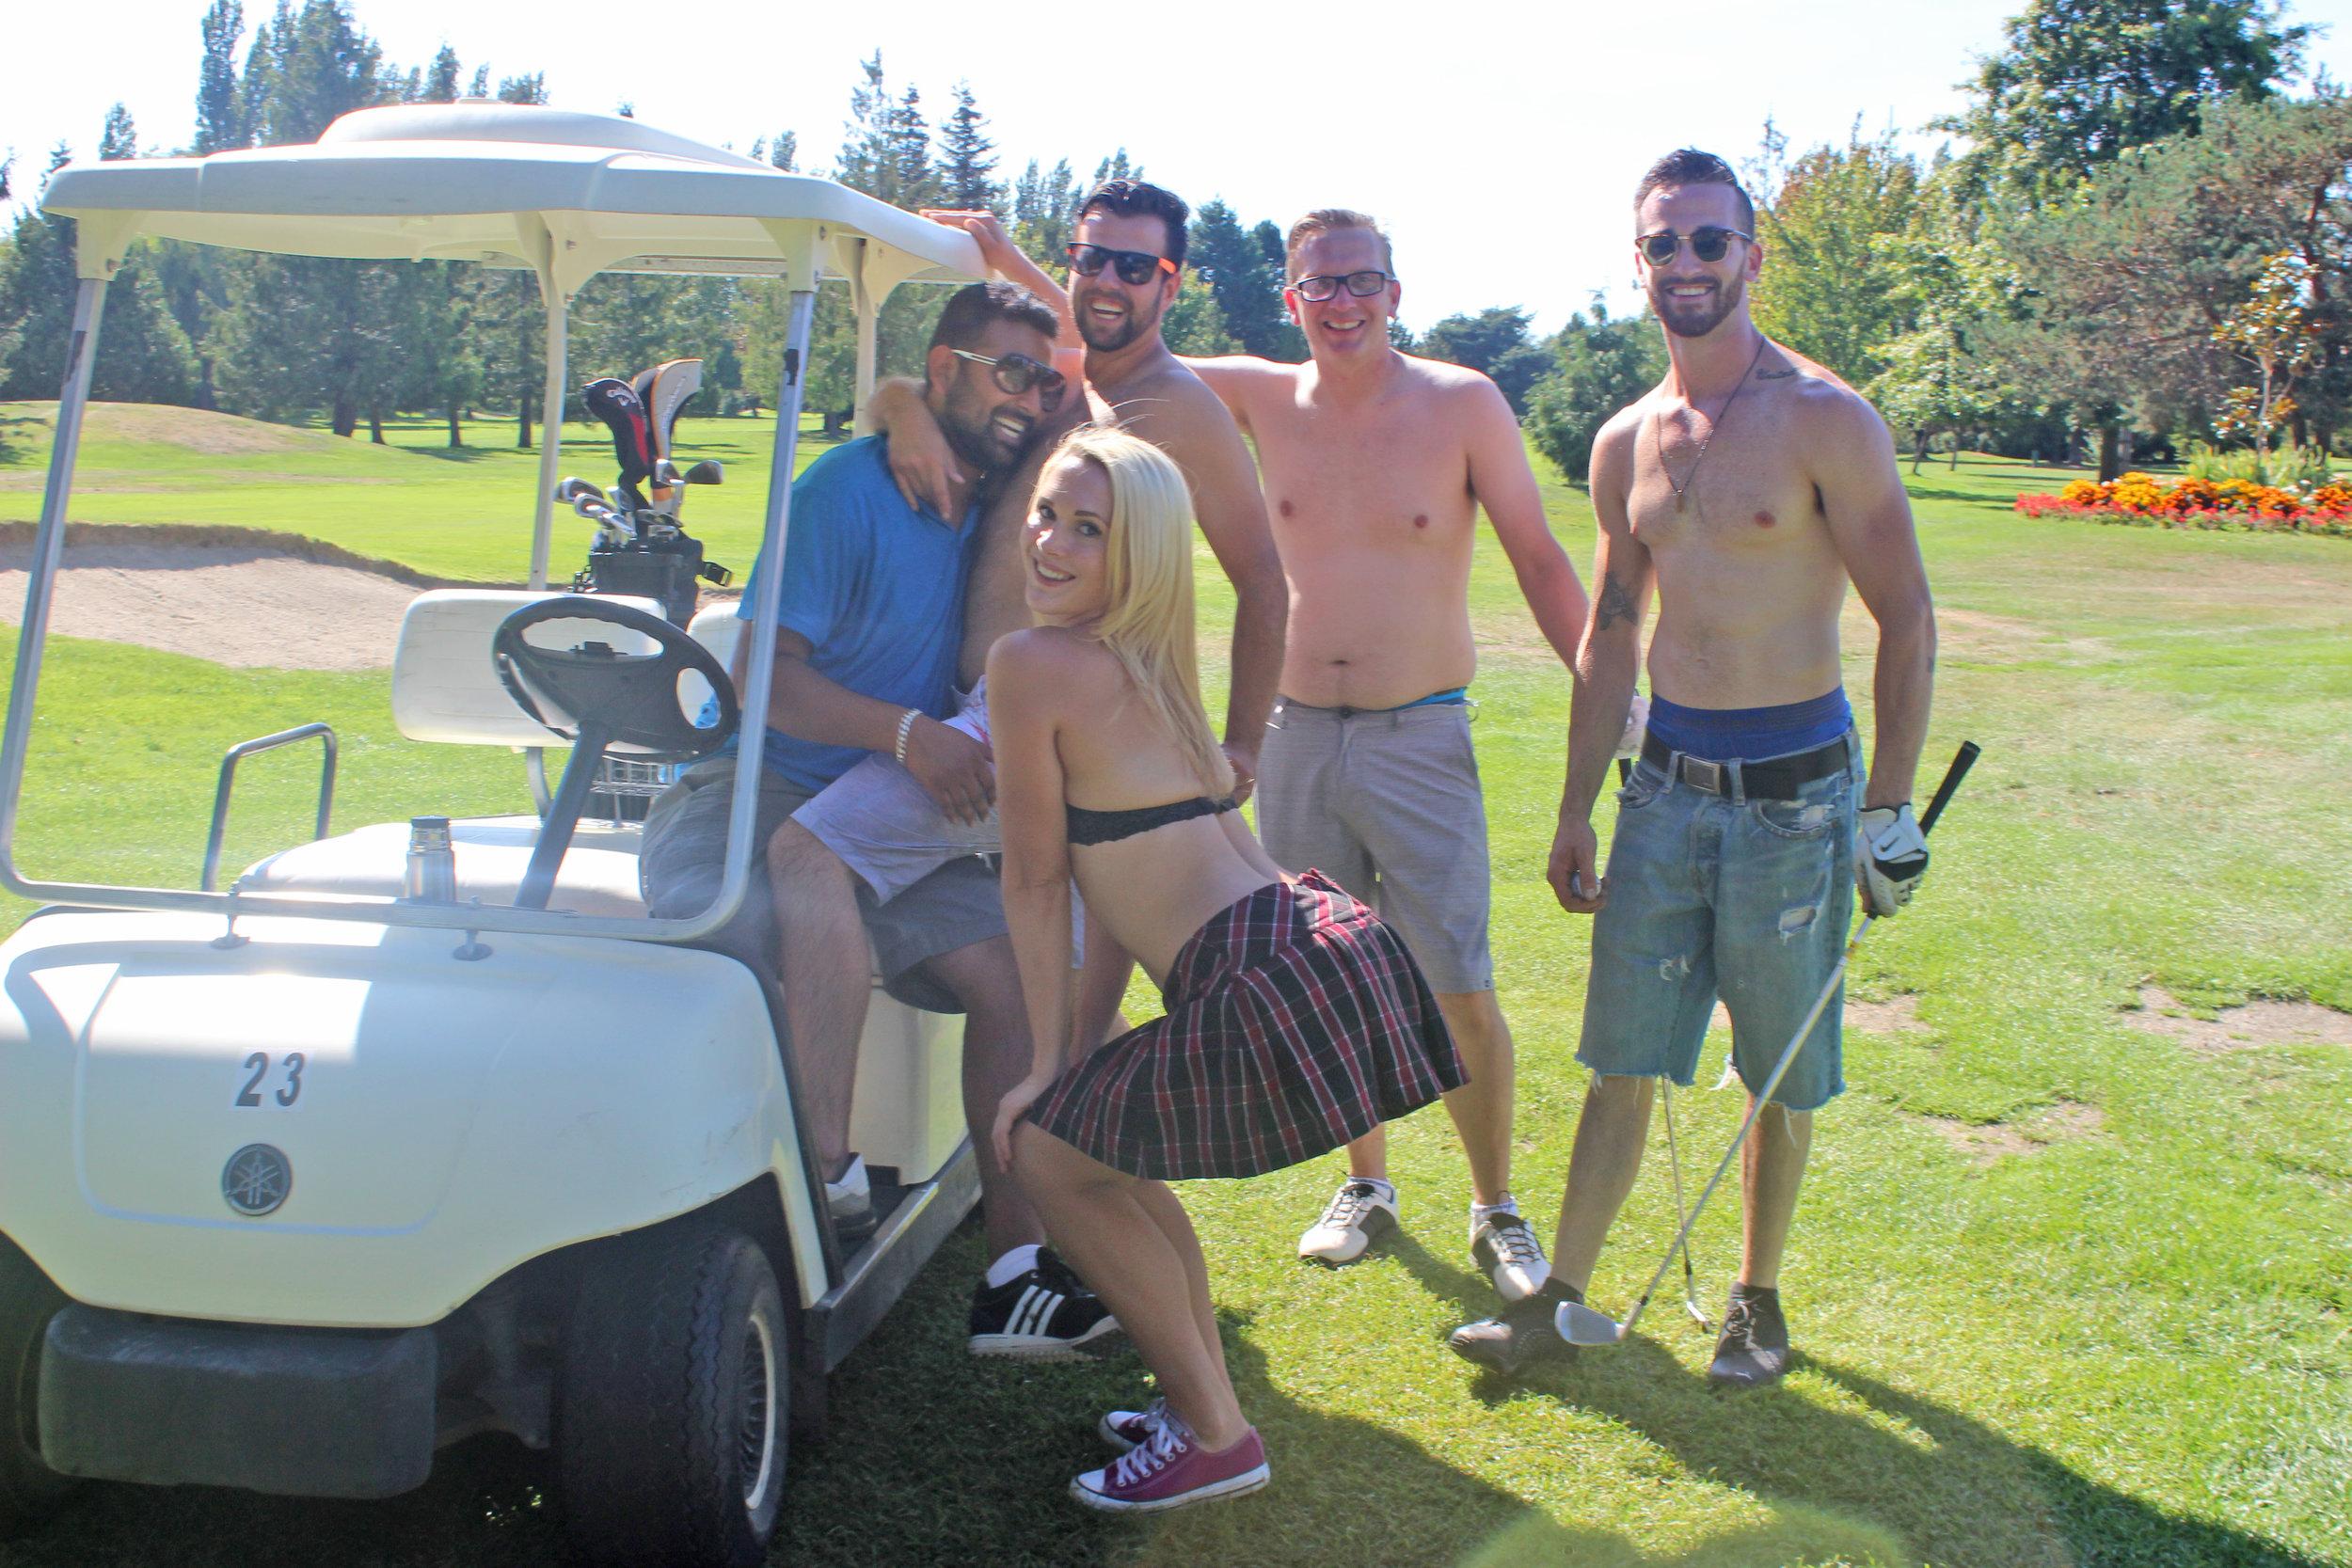 bikini_golf.jpg